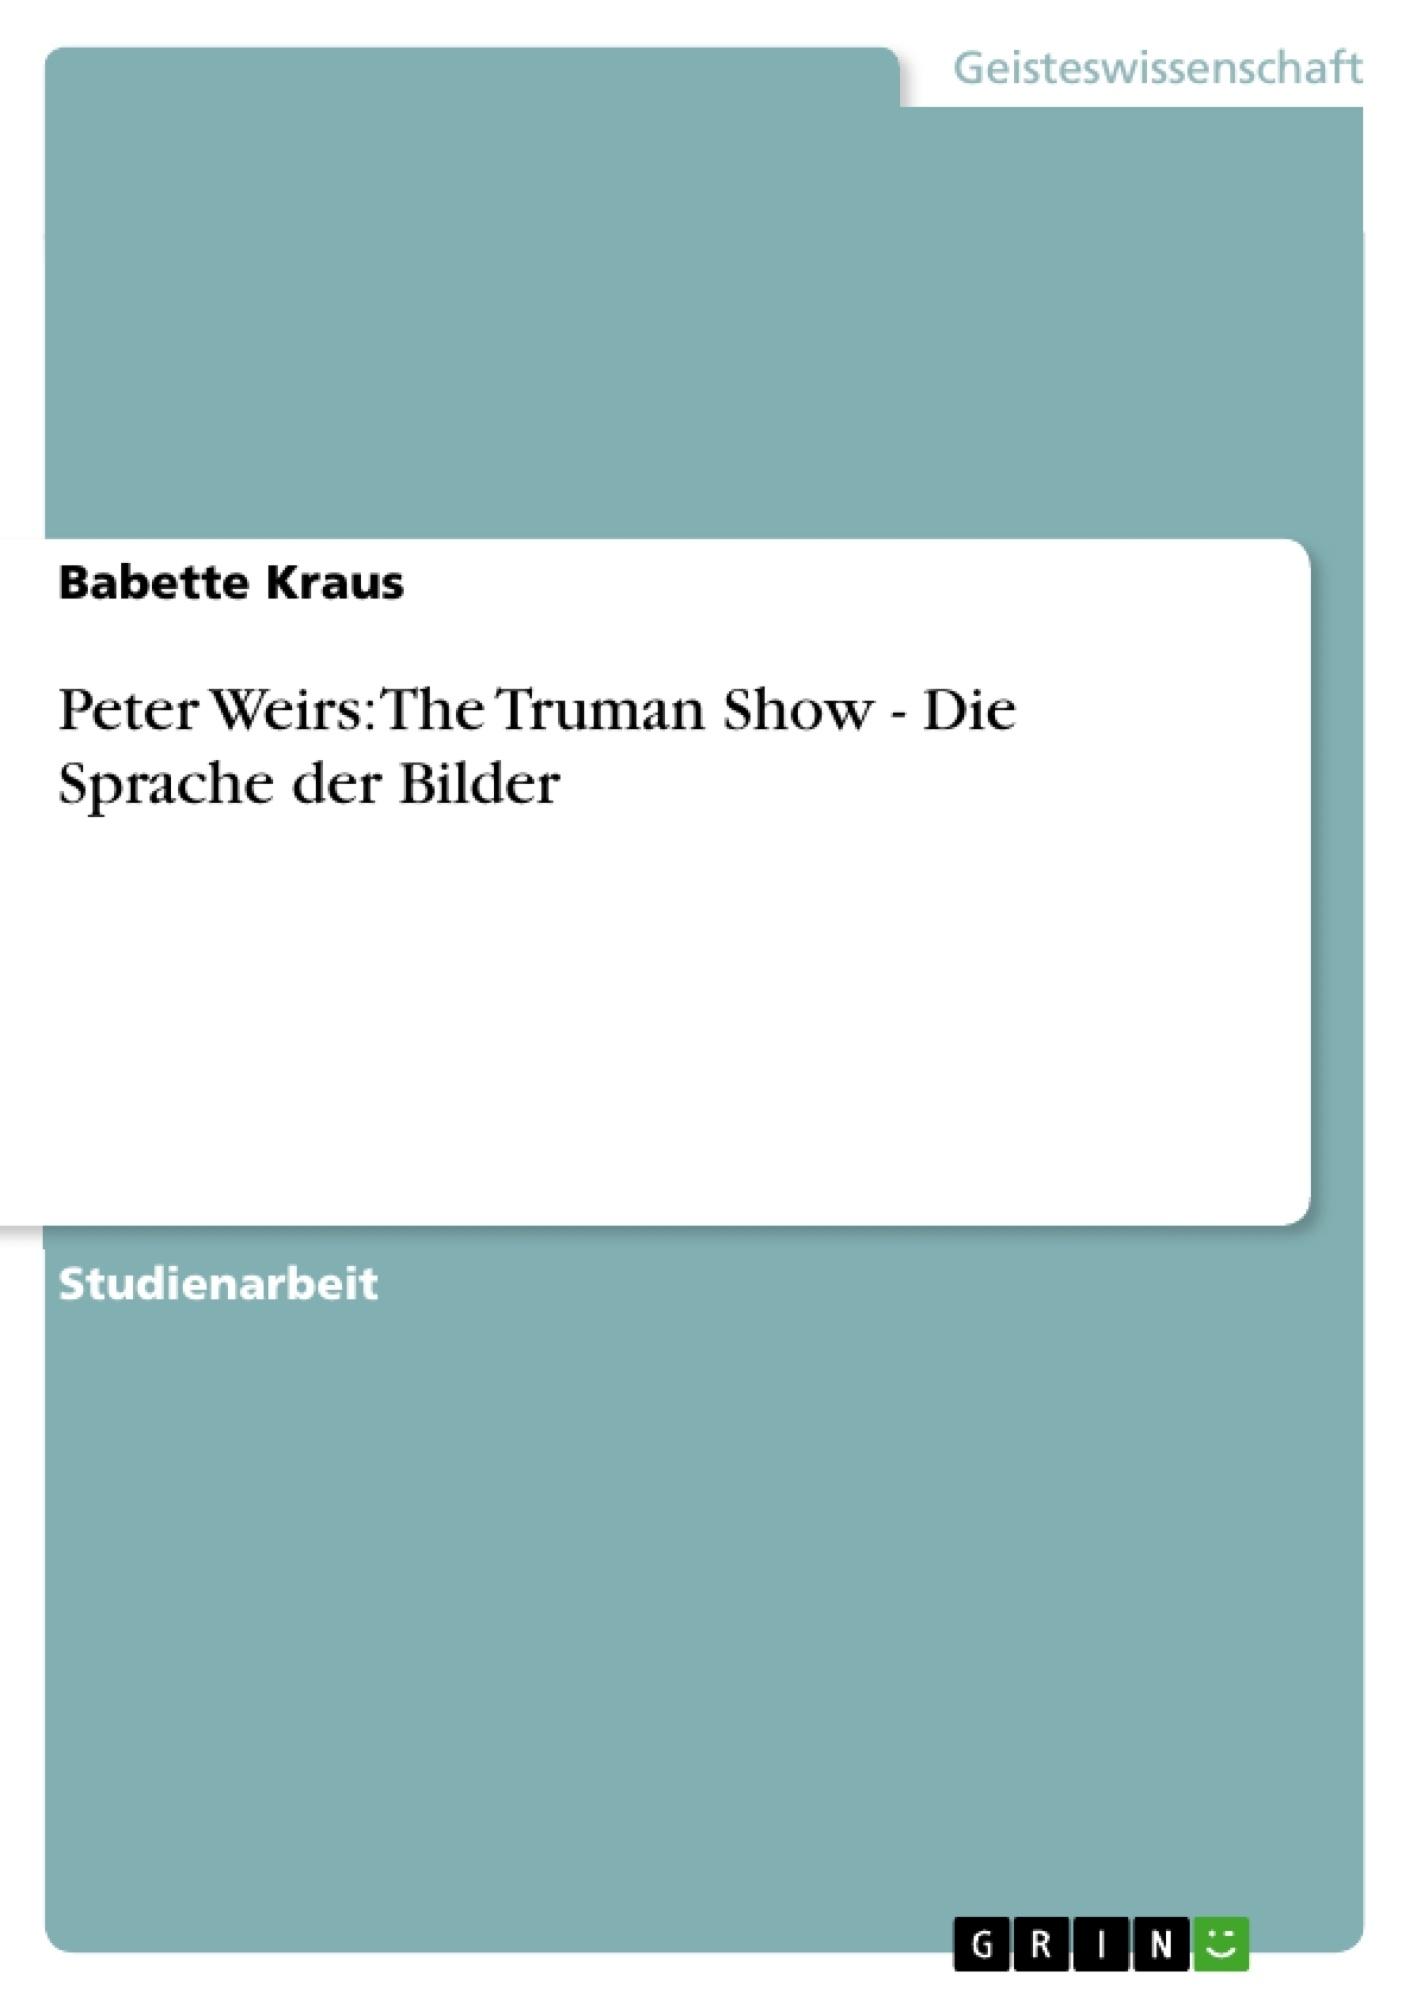 Titel: Peter Weirs: The Truman Show - Die Sprache der Bilder